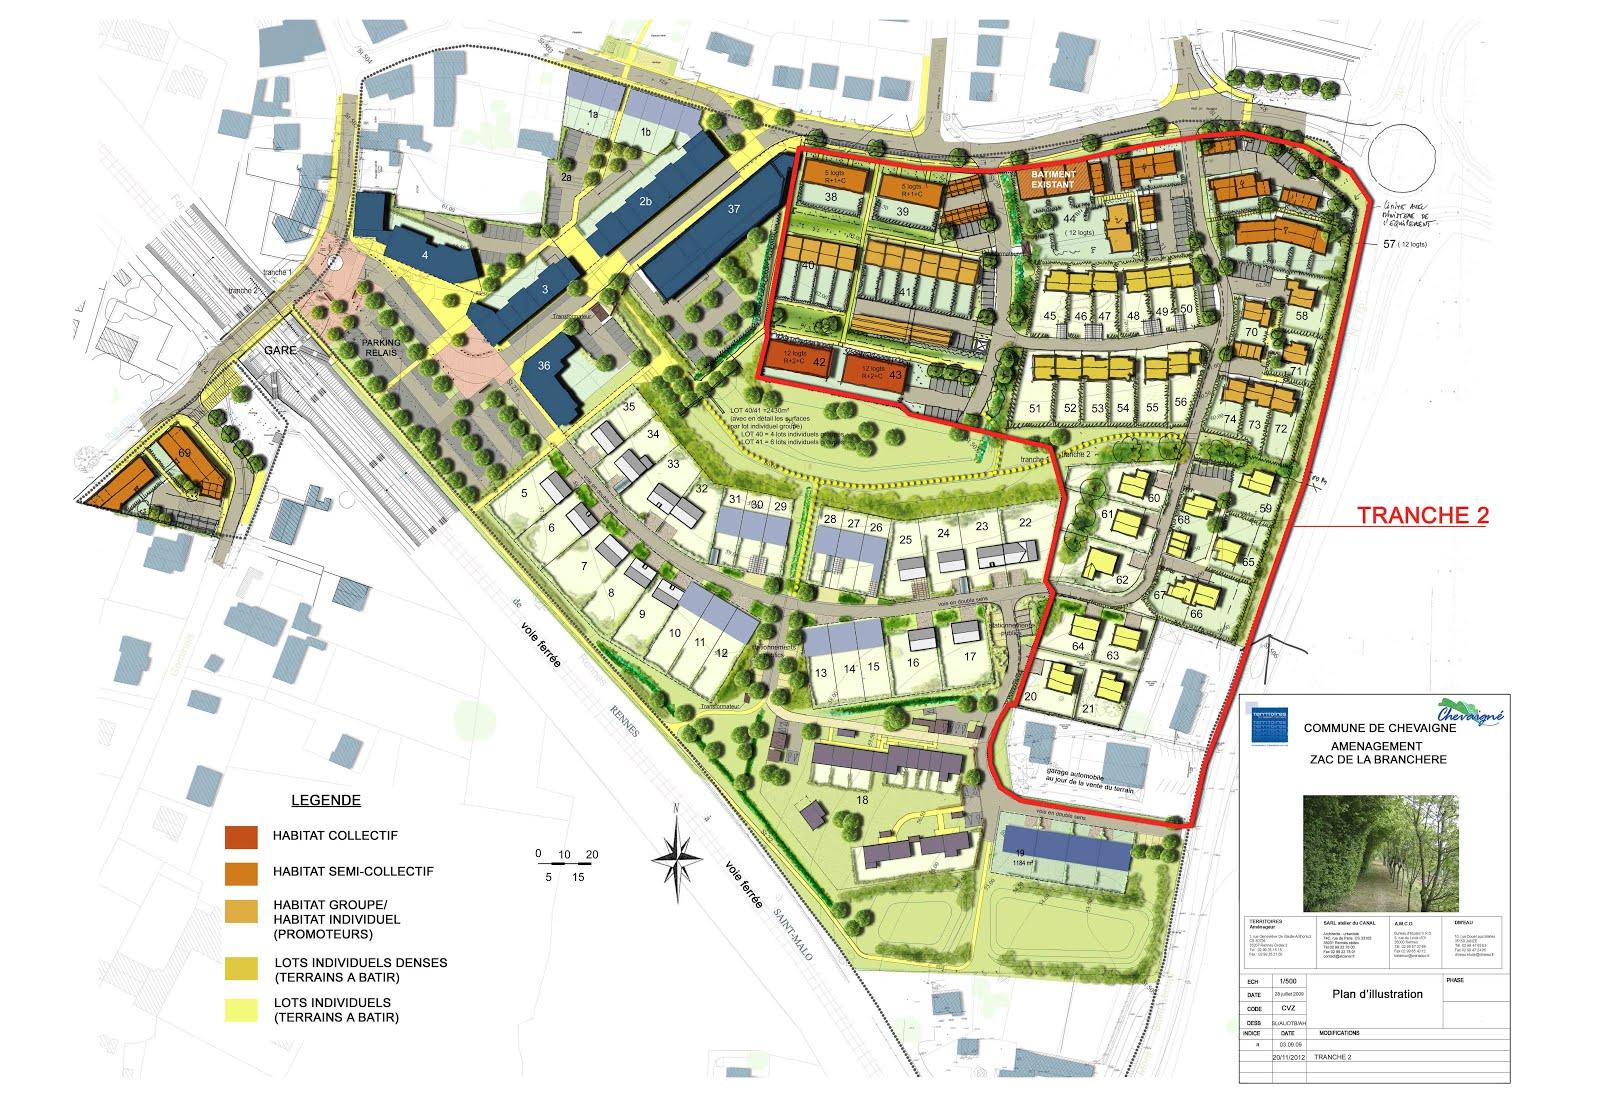 Plan de masse de la ZAC de La Branchère Source : Territoires